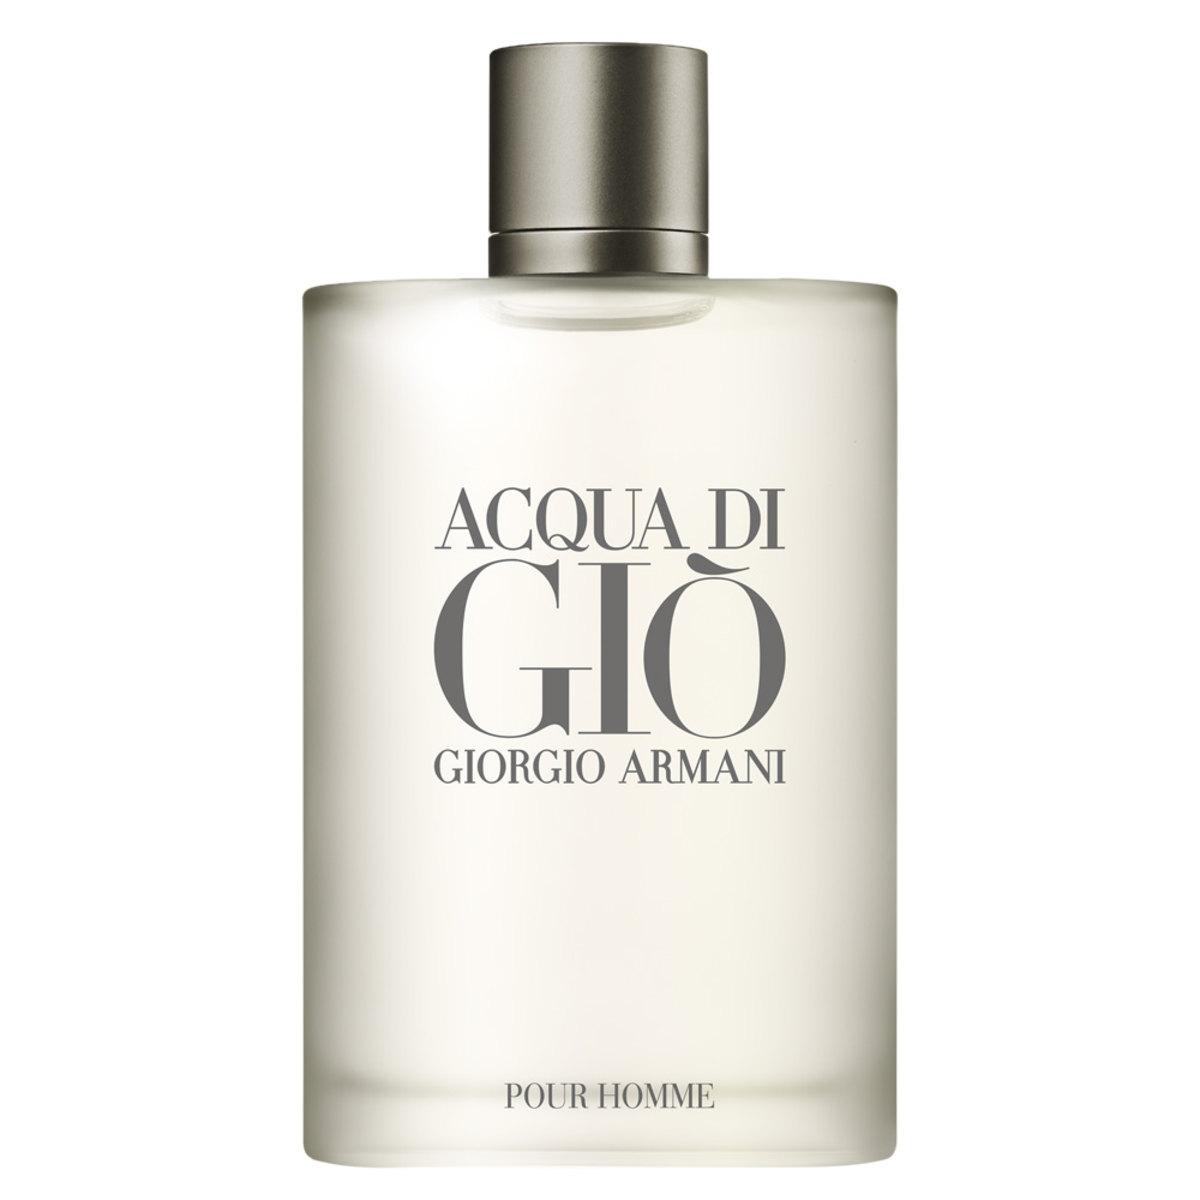 Giorgio Armani Acqua Di Gio Homme EDT